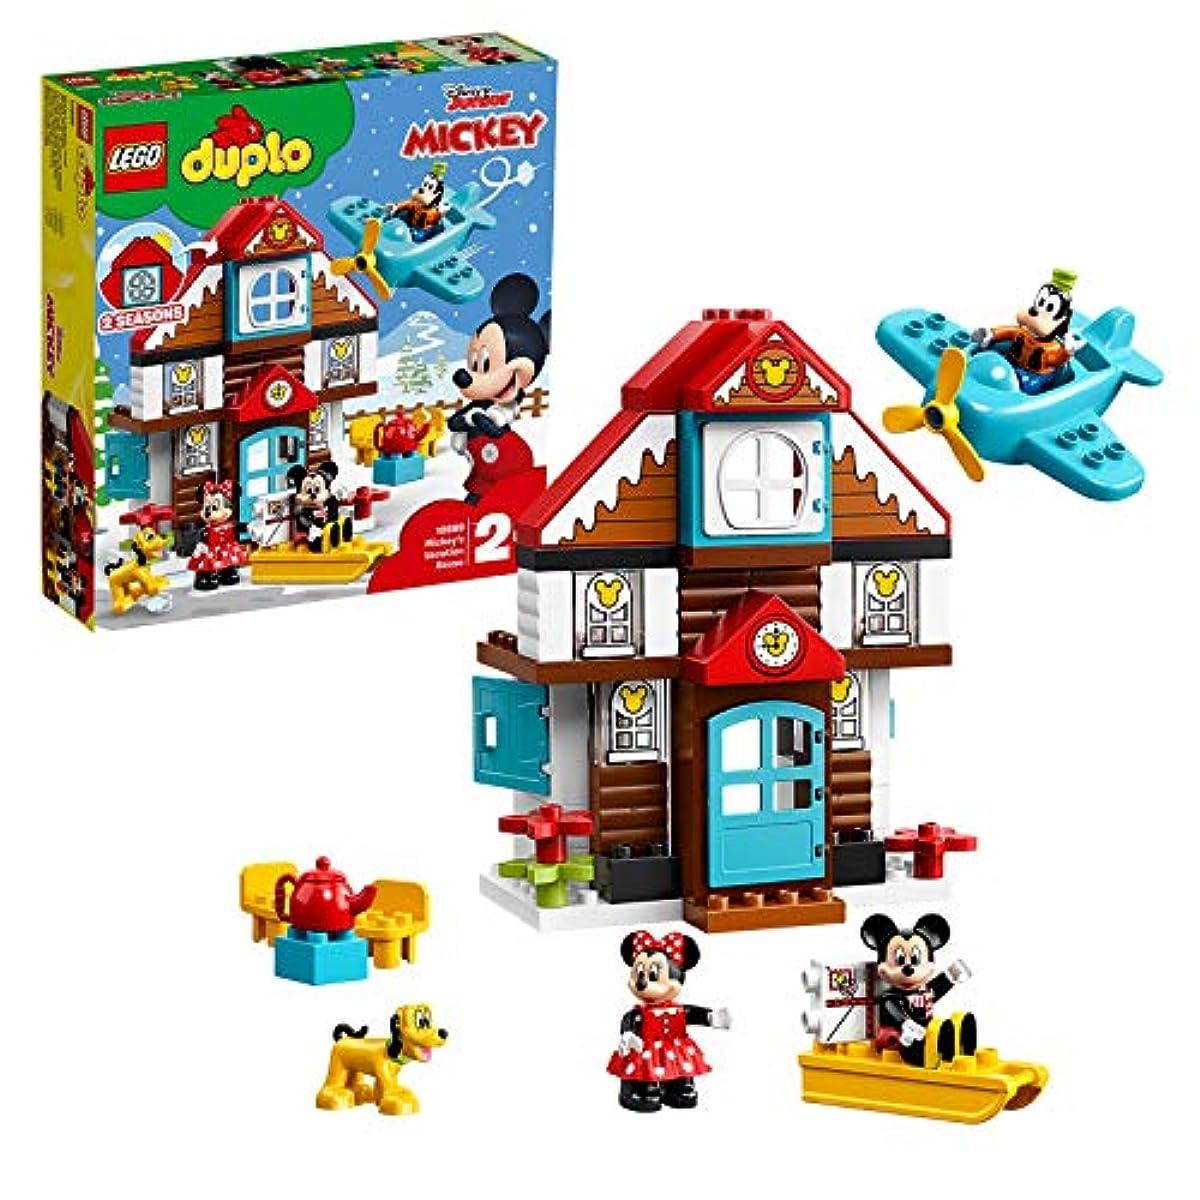 [해외] 레고(LEGO) 듀플로 미키와 미니의 홀리데이 하우스 10889 블럭 장난감 소녀